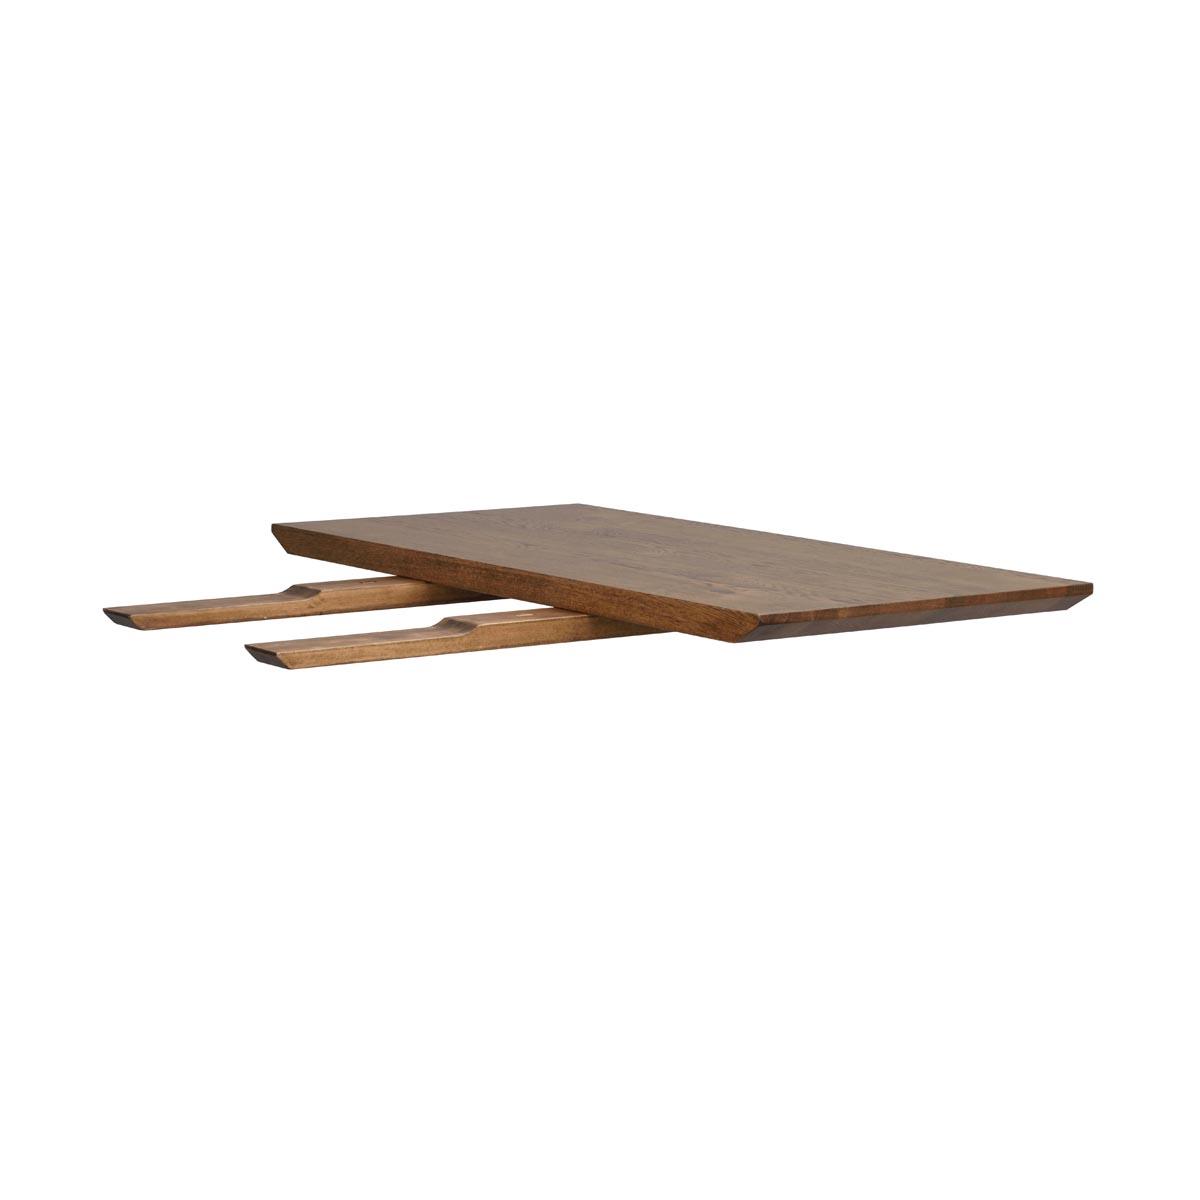 Melville-matbord-brunbets-vildek-119375_a-tilläggsskiva